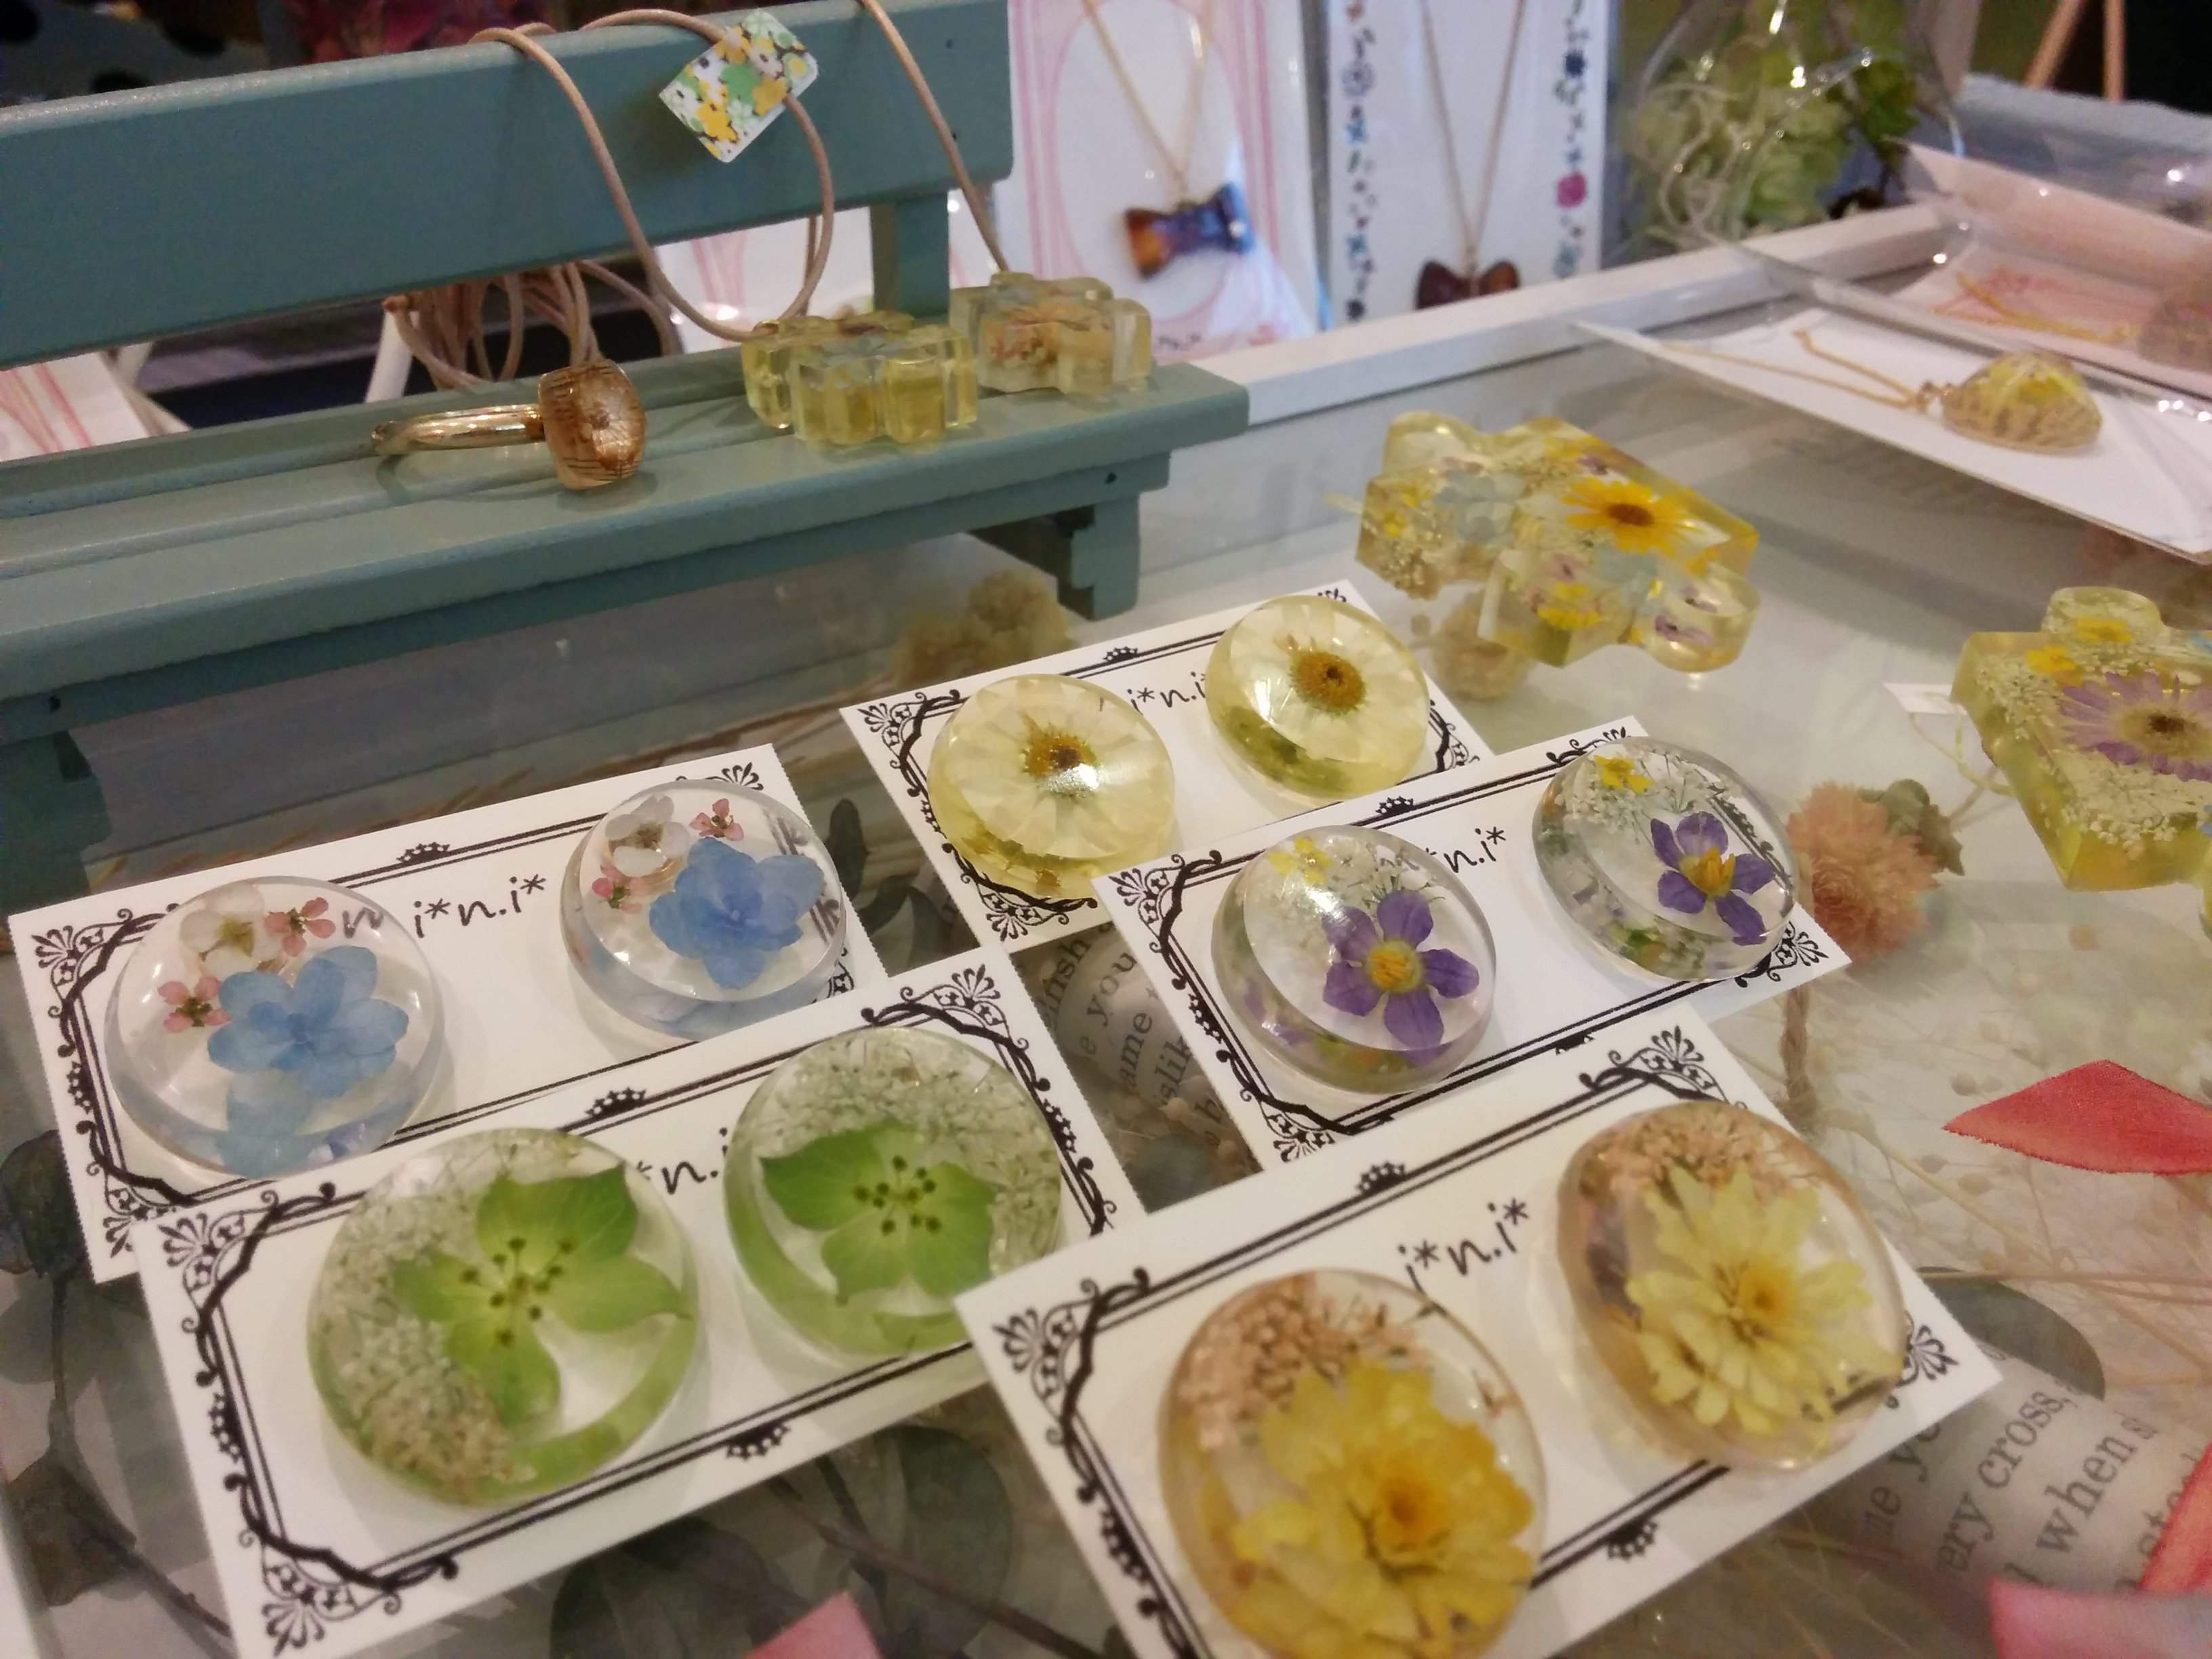 大宮の「ハンドメイドと雑貨のお店 mini*」で小さな幸せを見つけました!